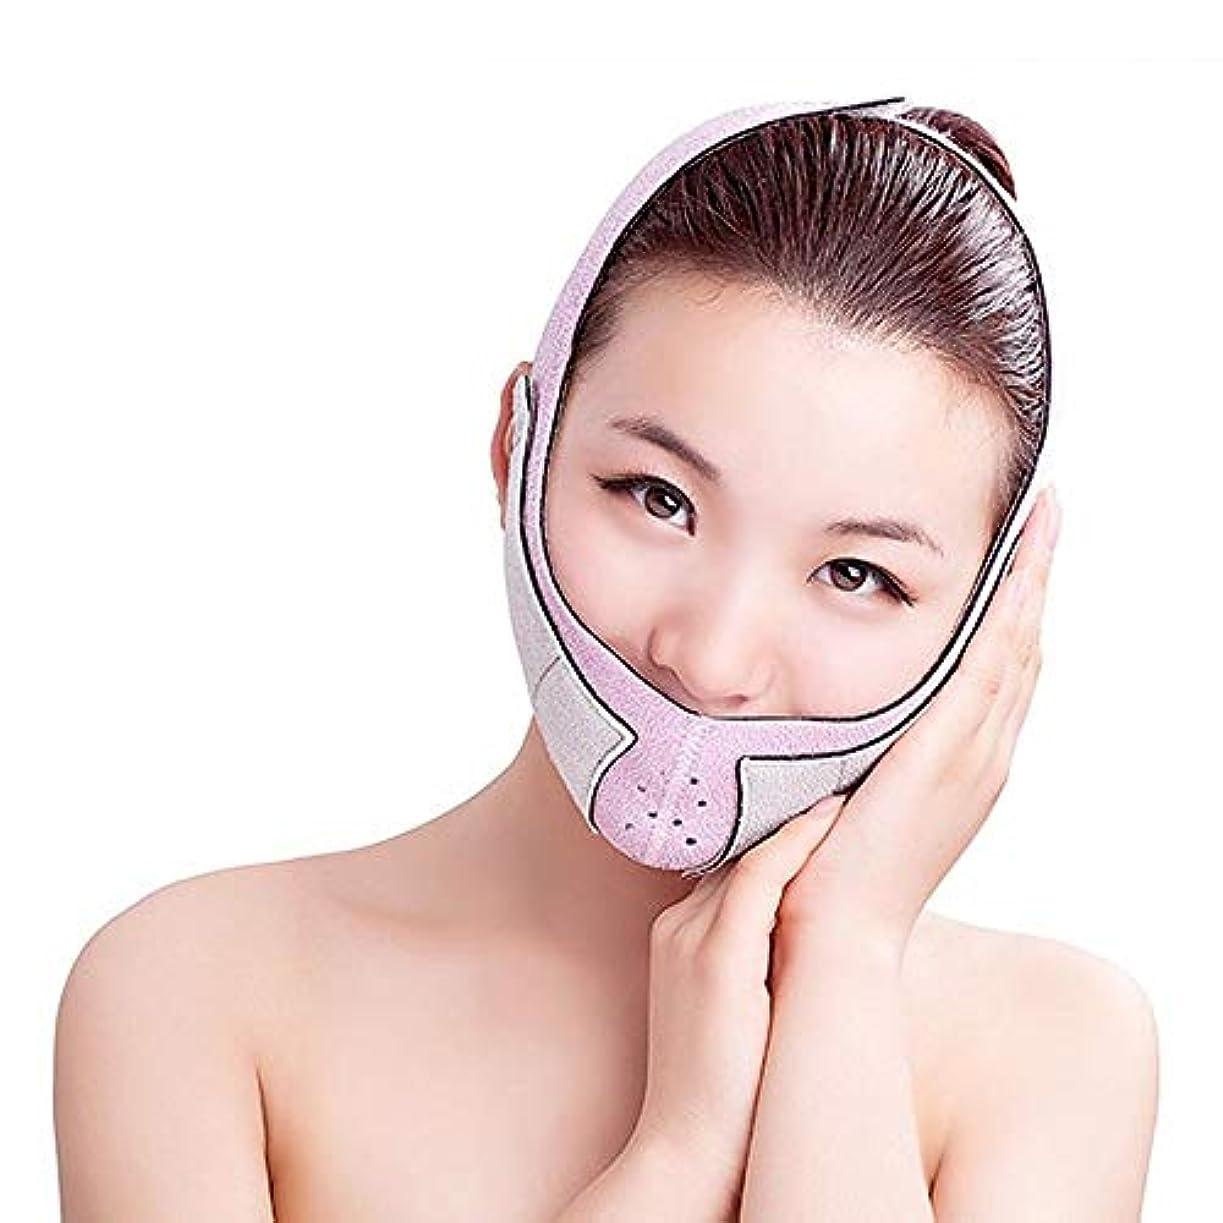 リハーサルうま縁表面持ち上がるベルト、表面持ち上がる包帯の顔の細く通気性のV形の包帯は二重あごの反しわの反老化を減らします (Color : Pink)